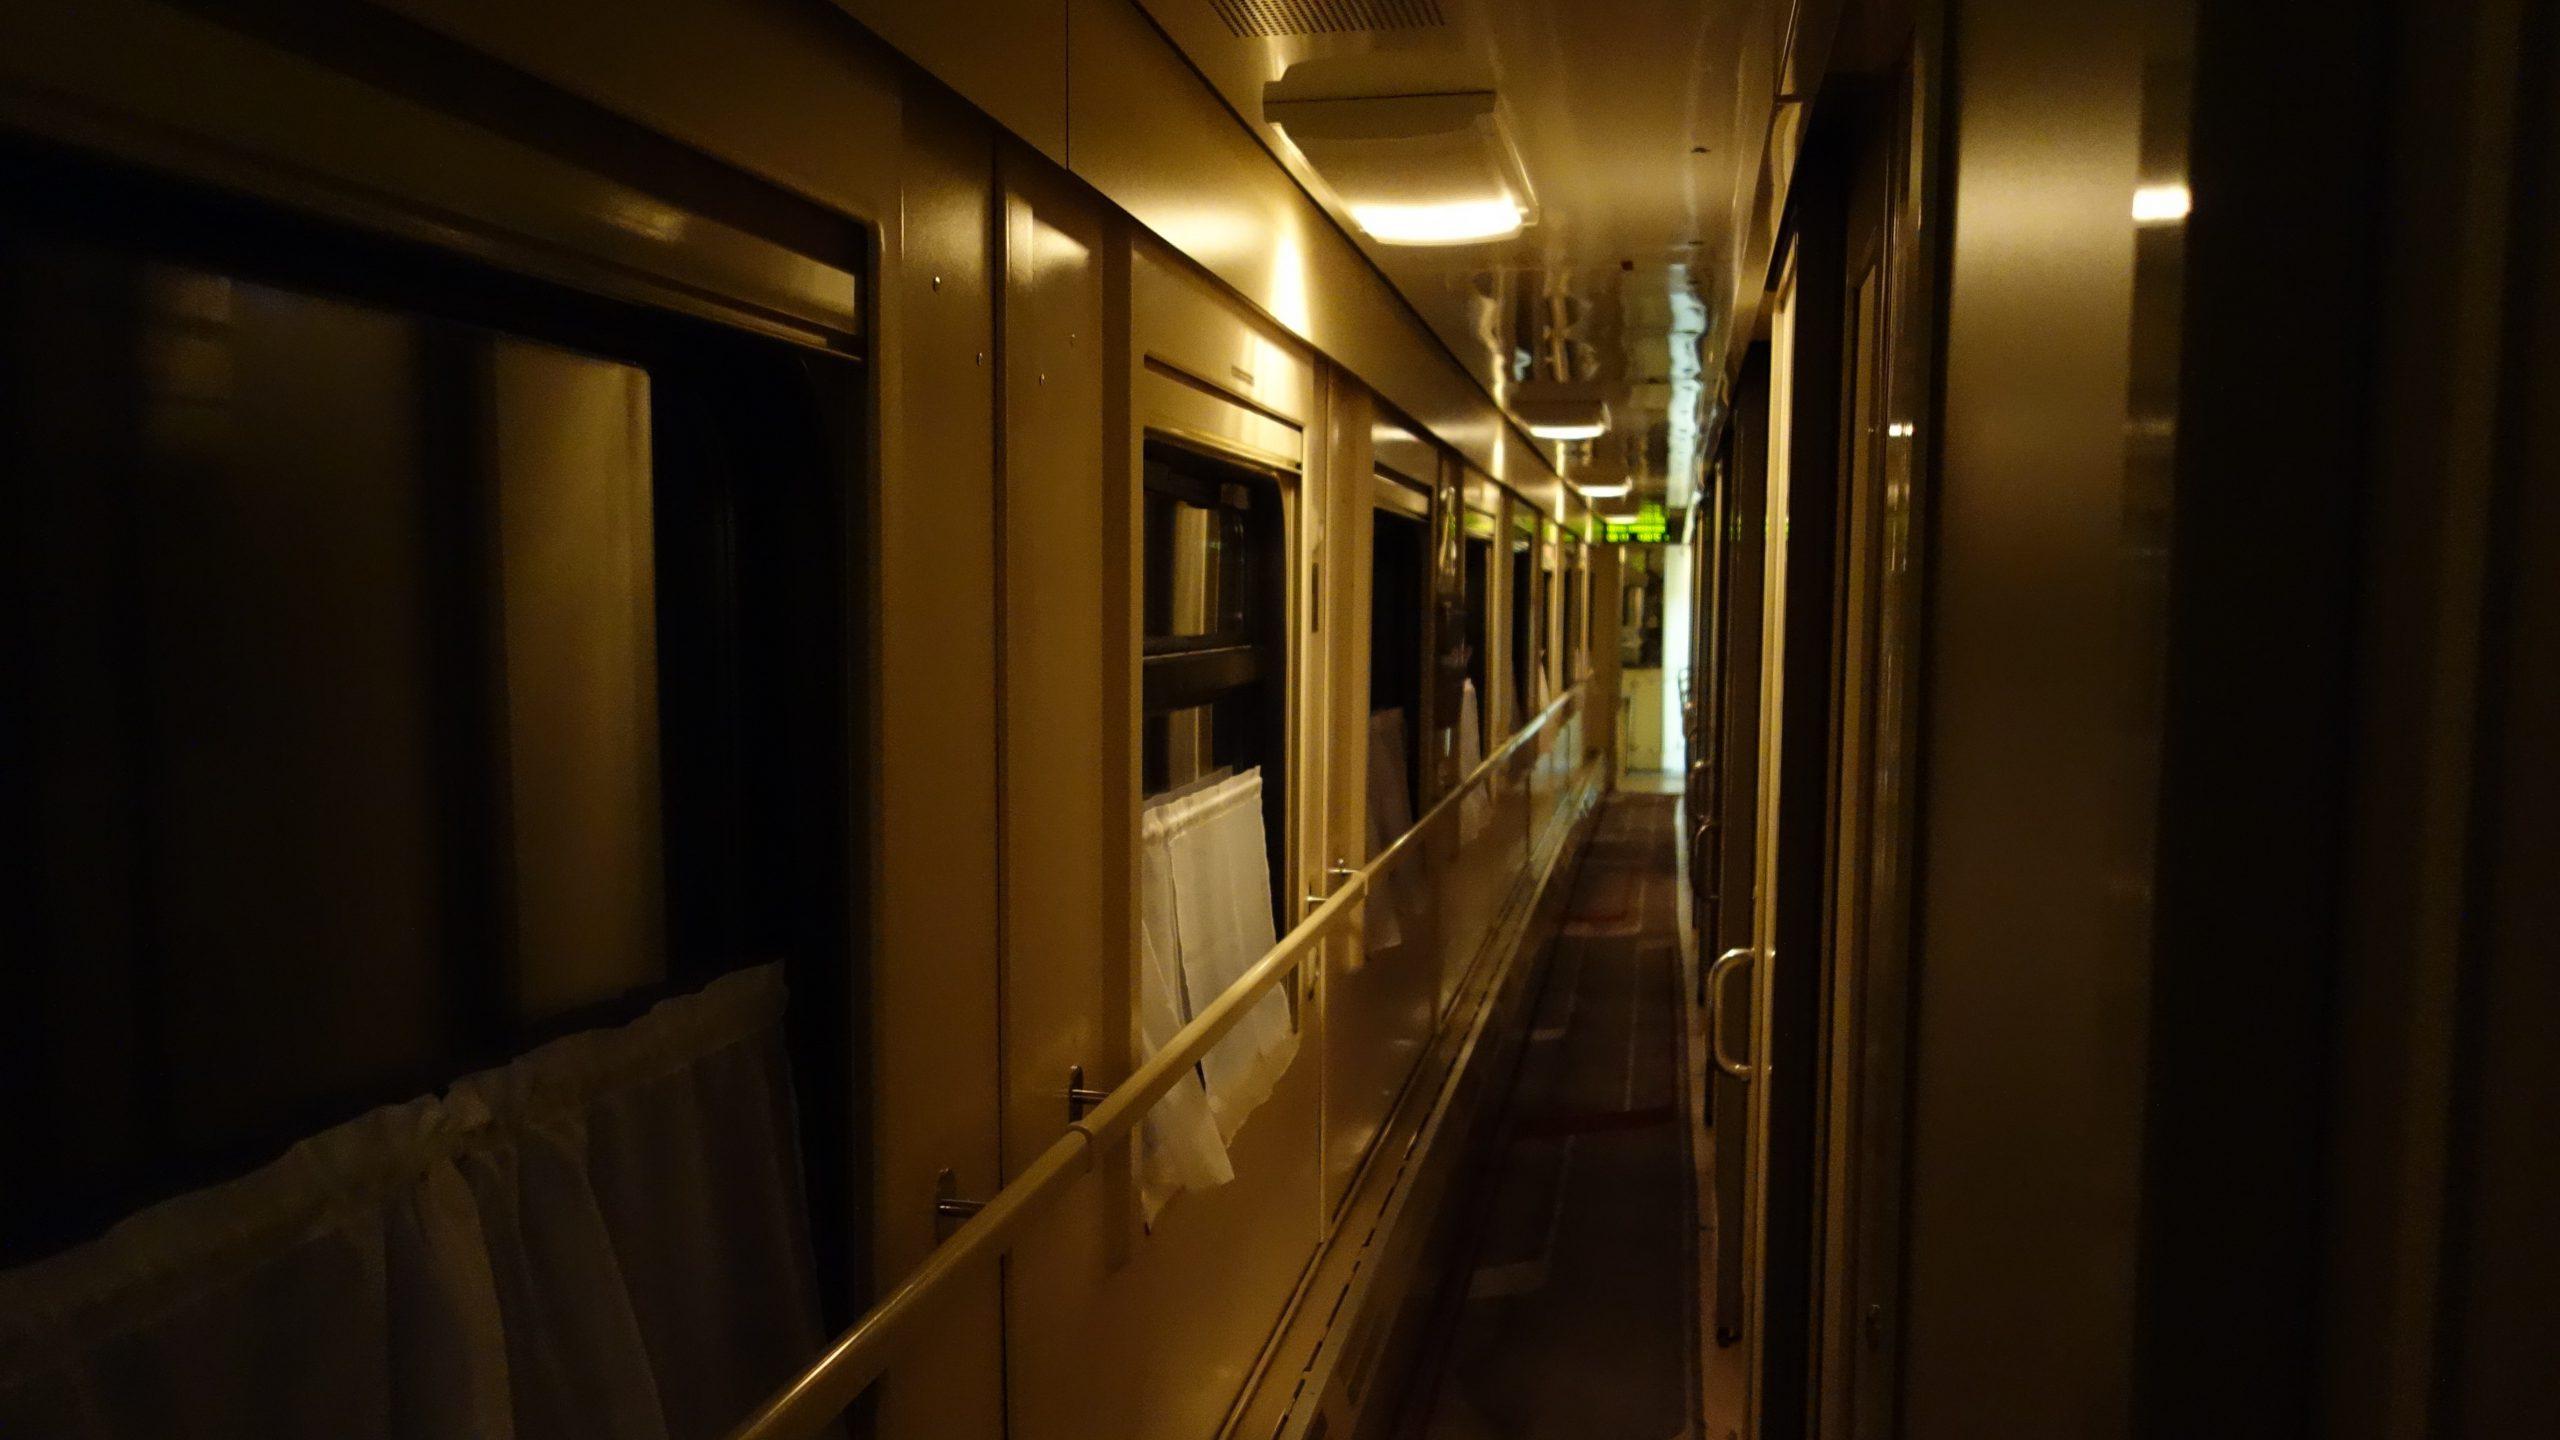 ハバロフスク州 夜行列車青年号乗車記